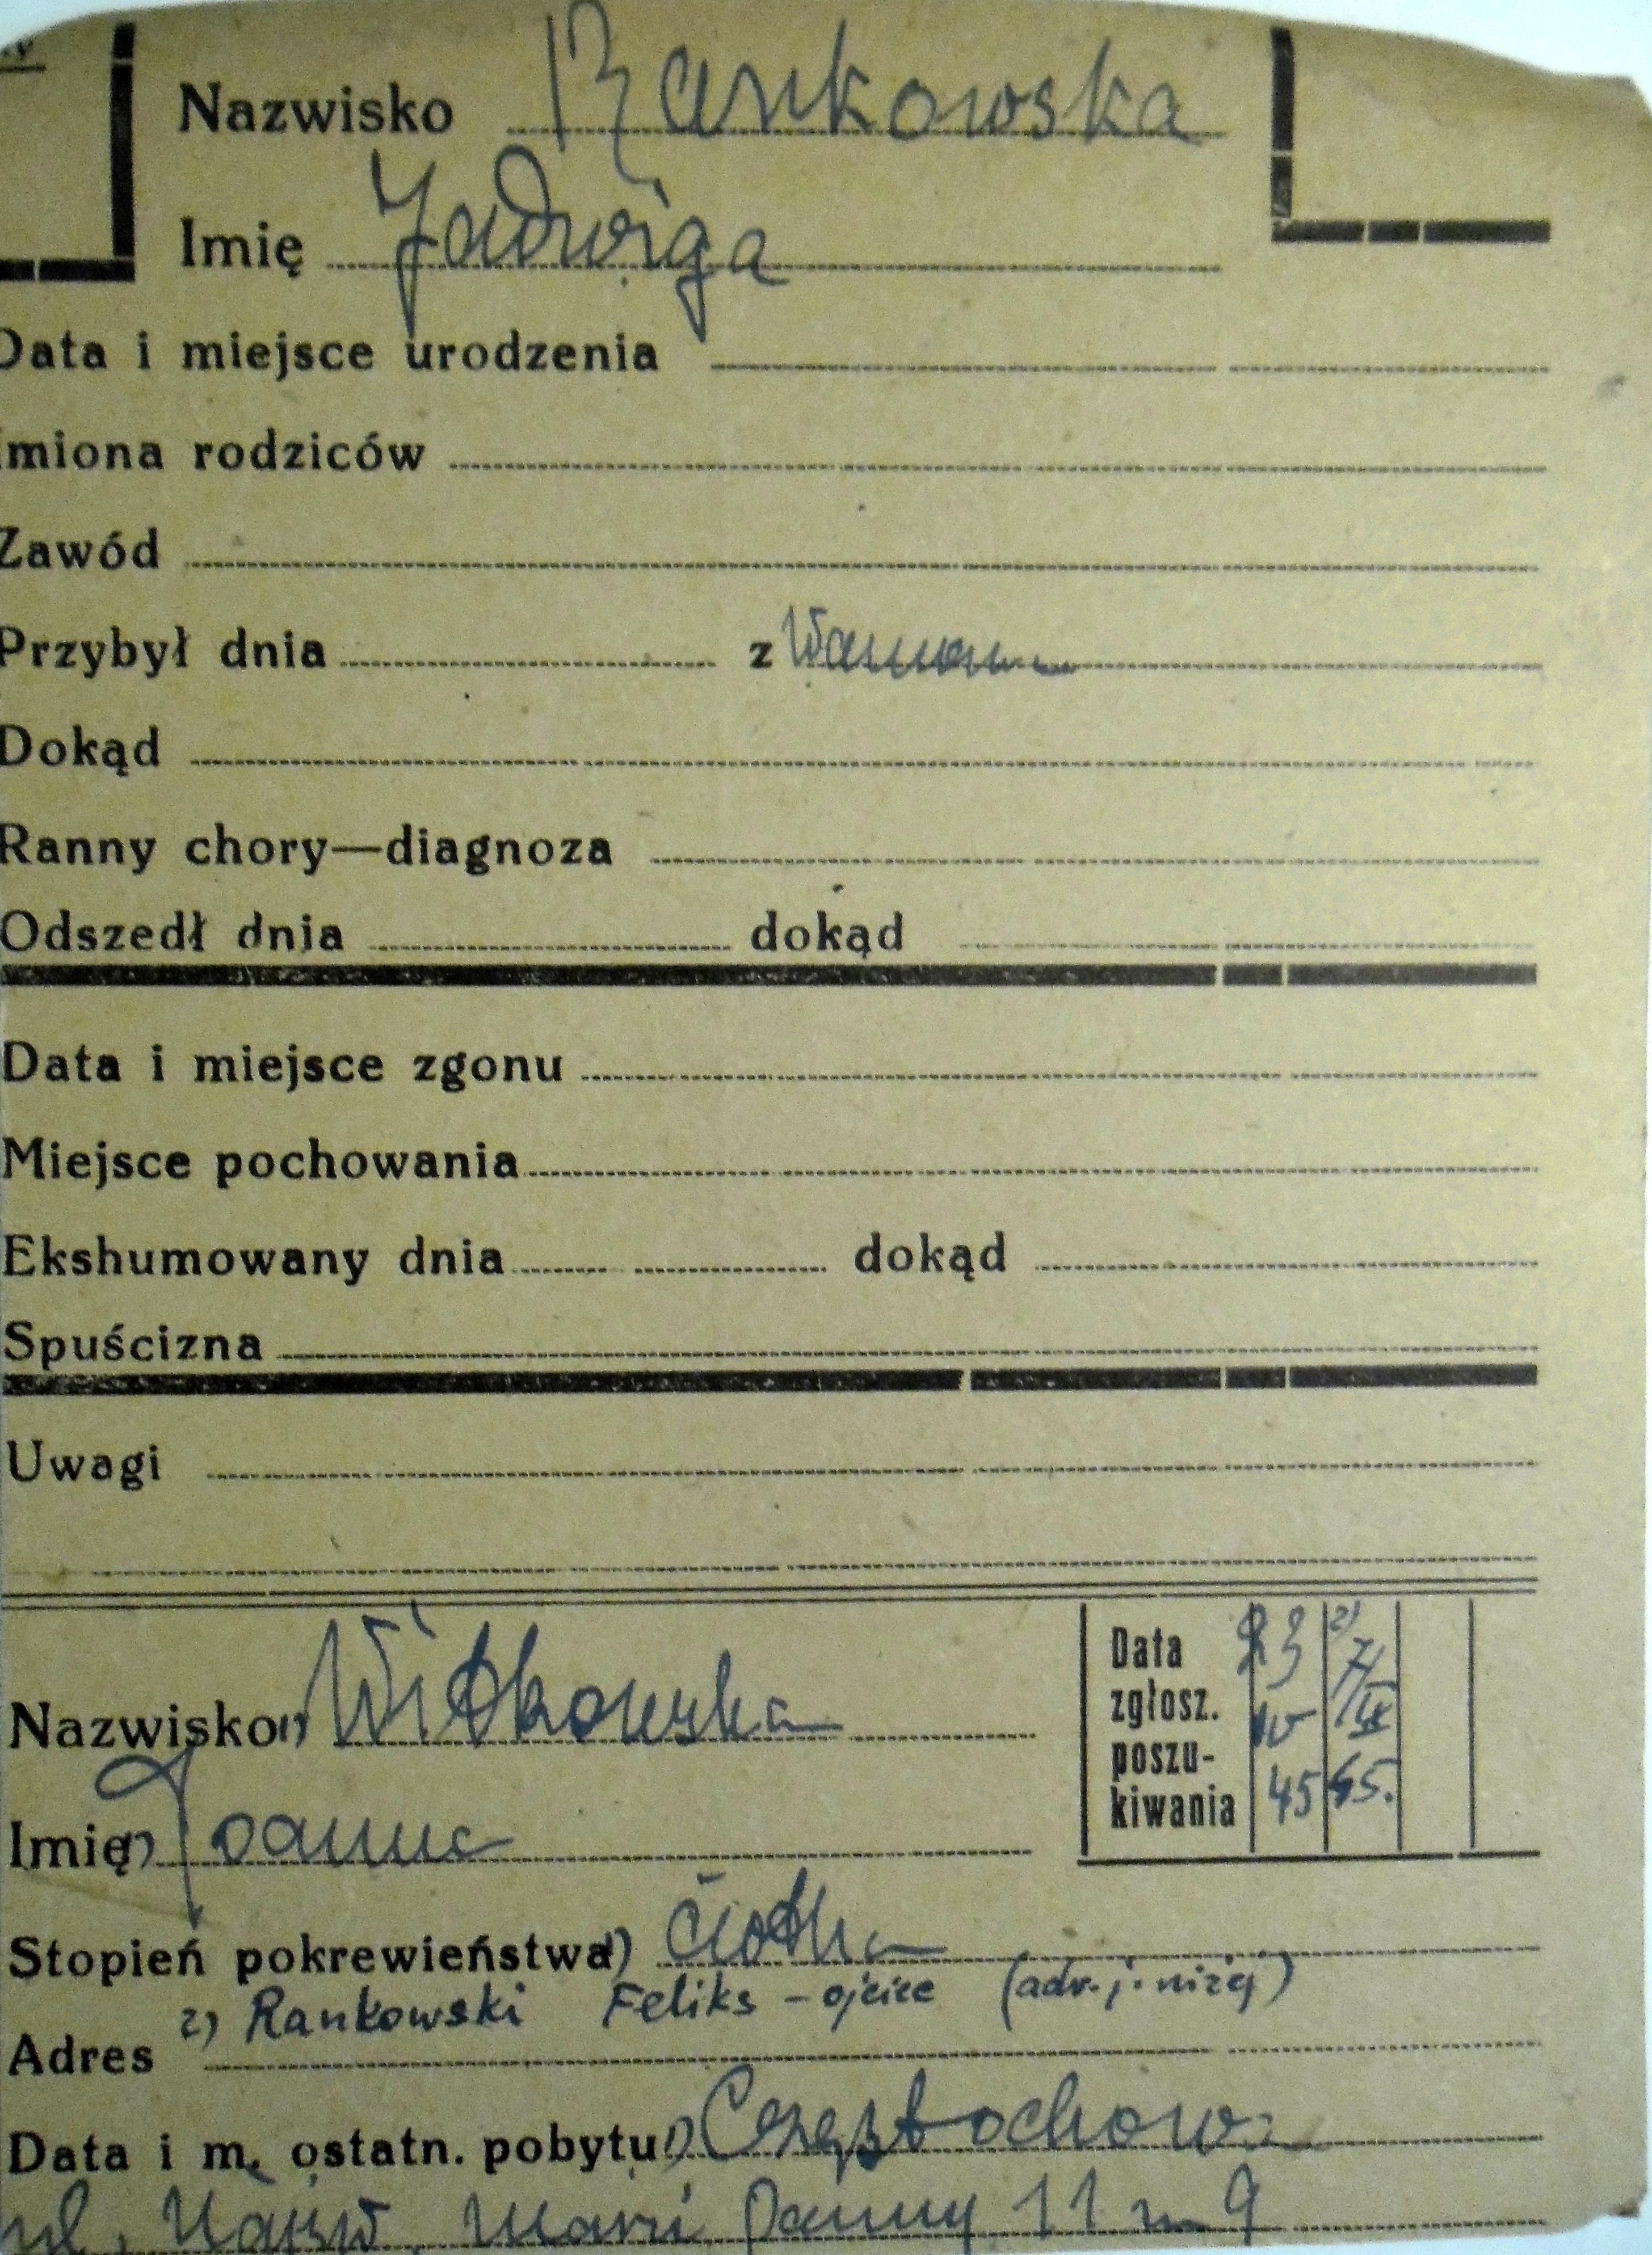 PCK - kartoteka, poszukiwana przez ciotkę Joannę Witkowską jako córka Feliksa Rankowskiego.